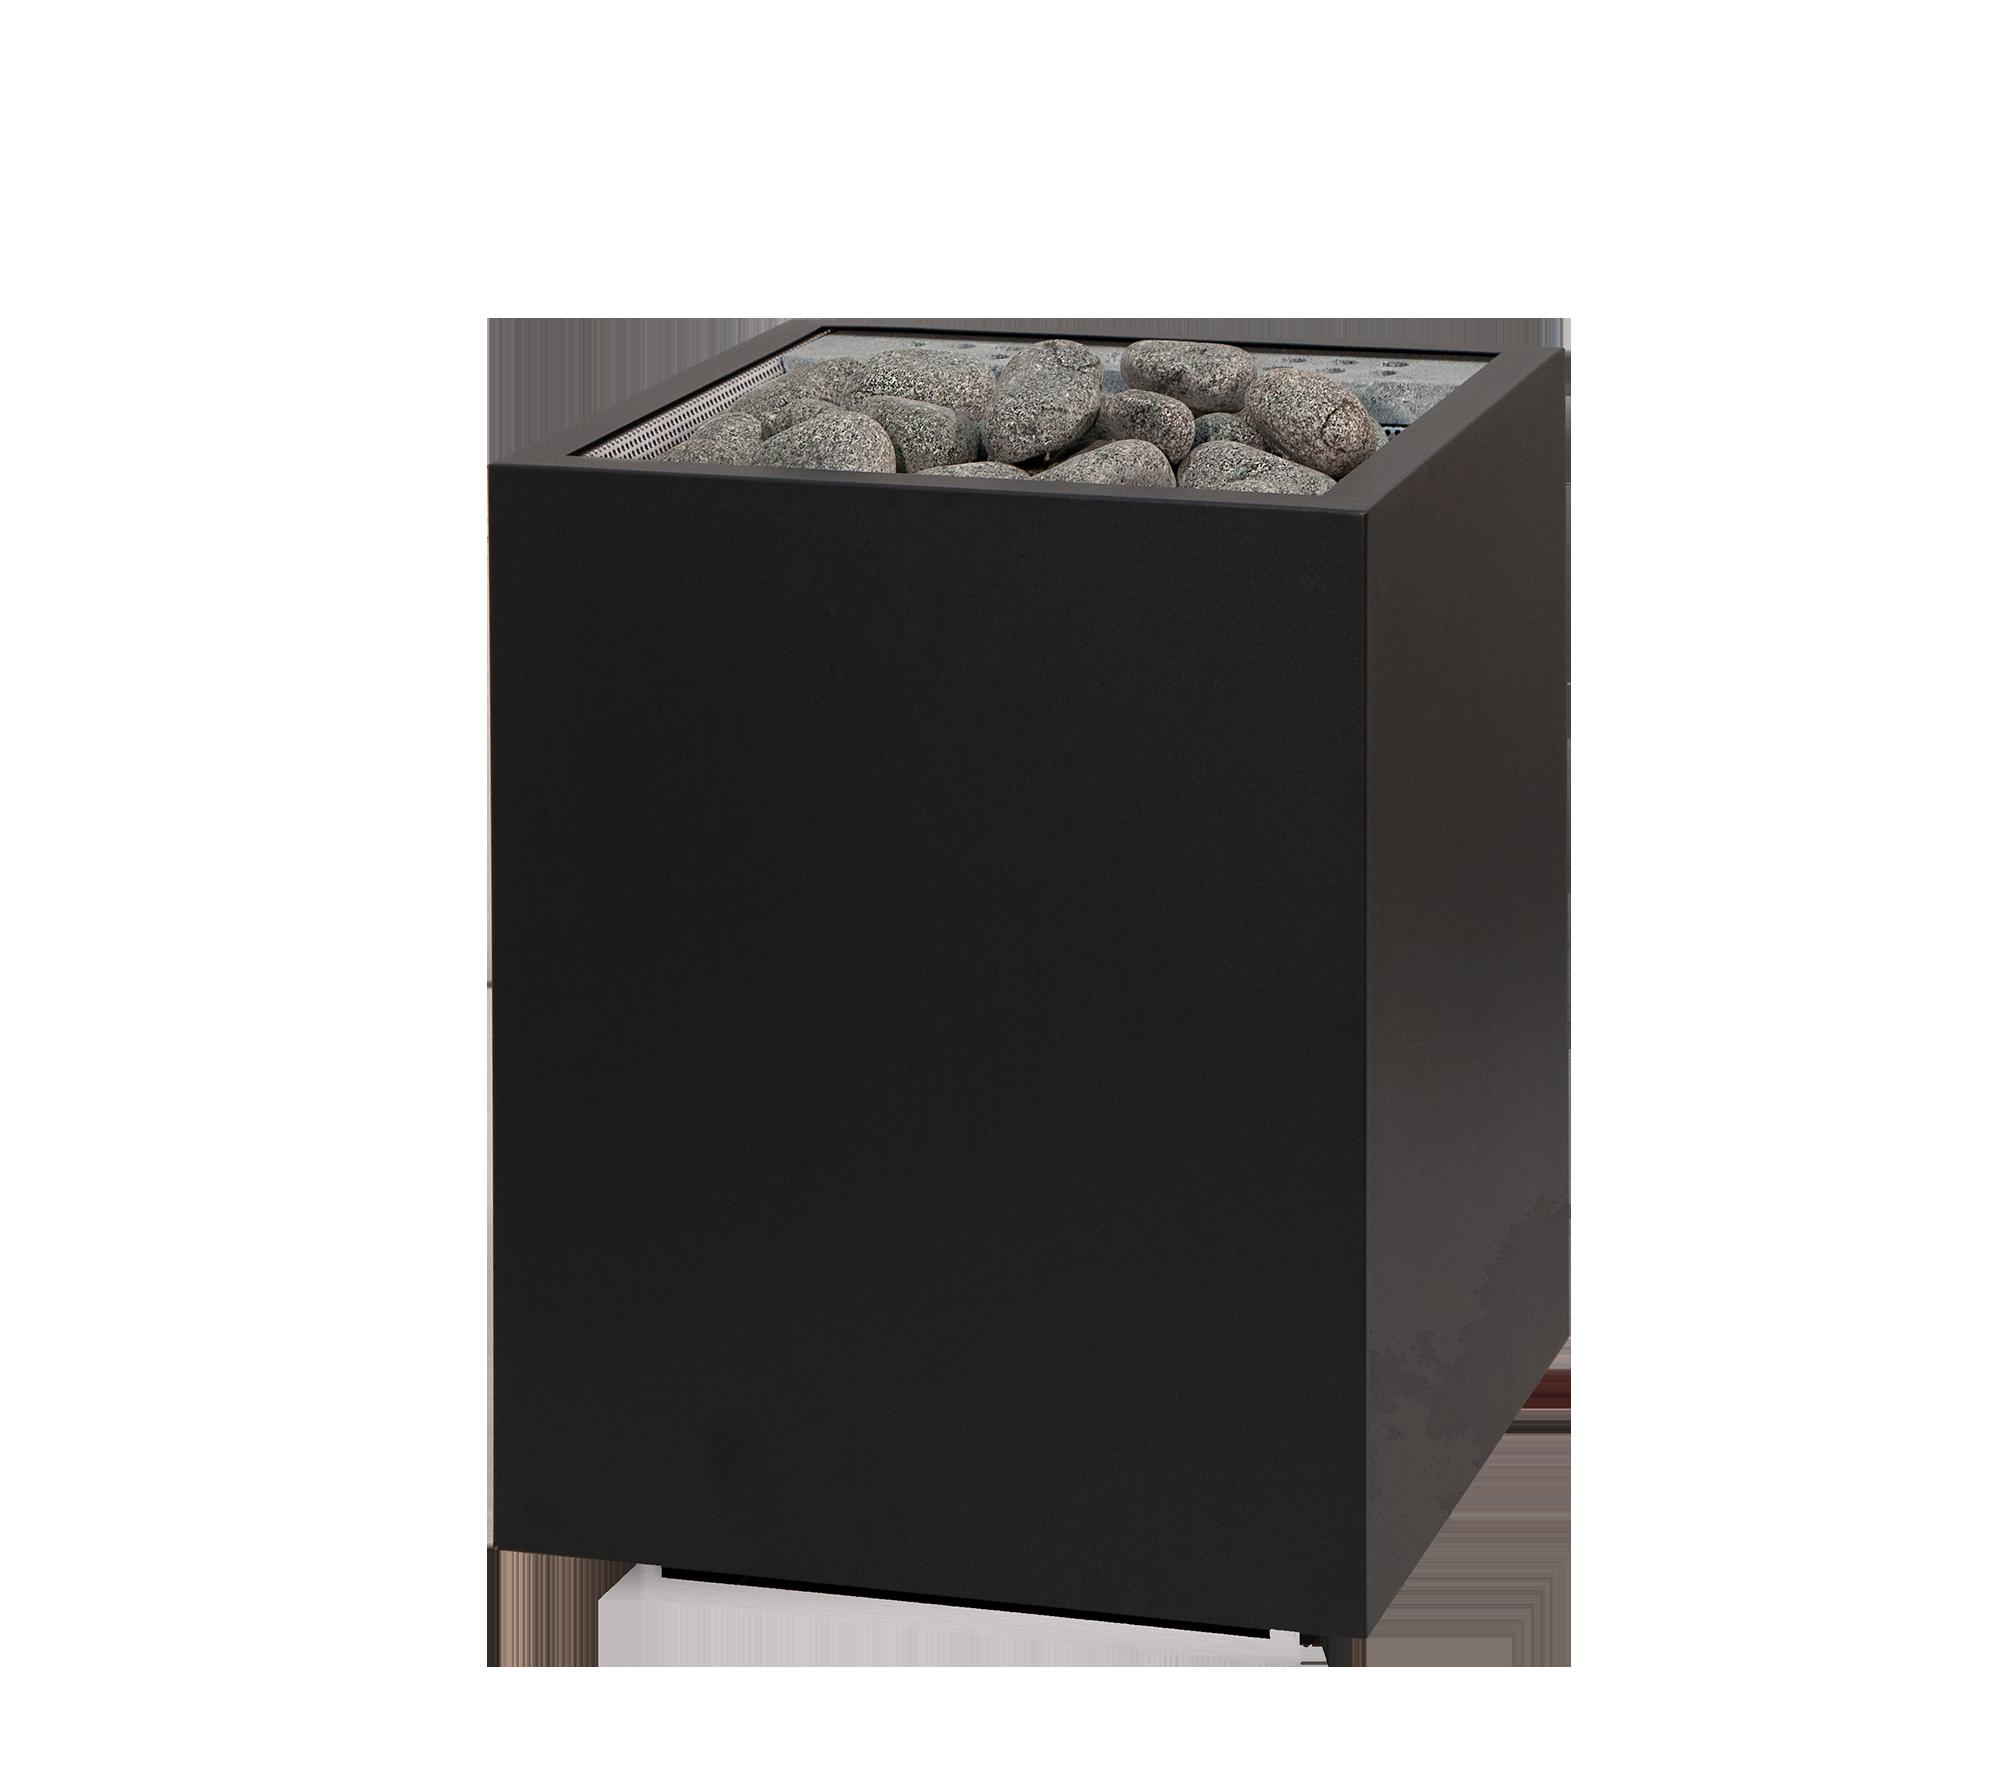 Saunaofen Home combi aus Edelstahl in verschiedenen Leistungsstufen